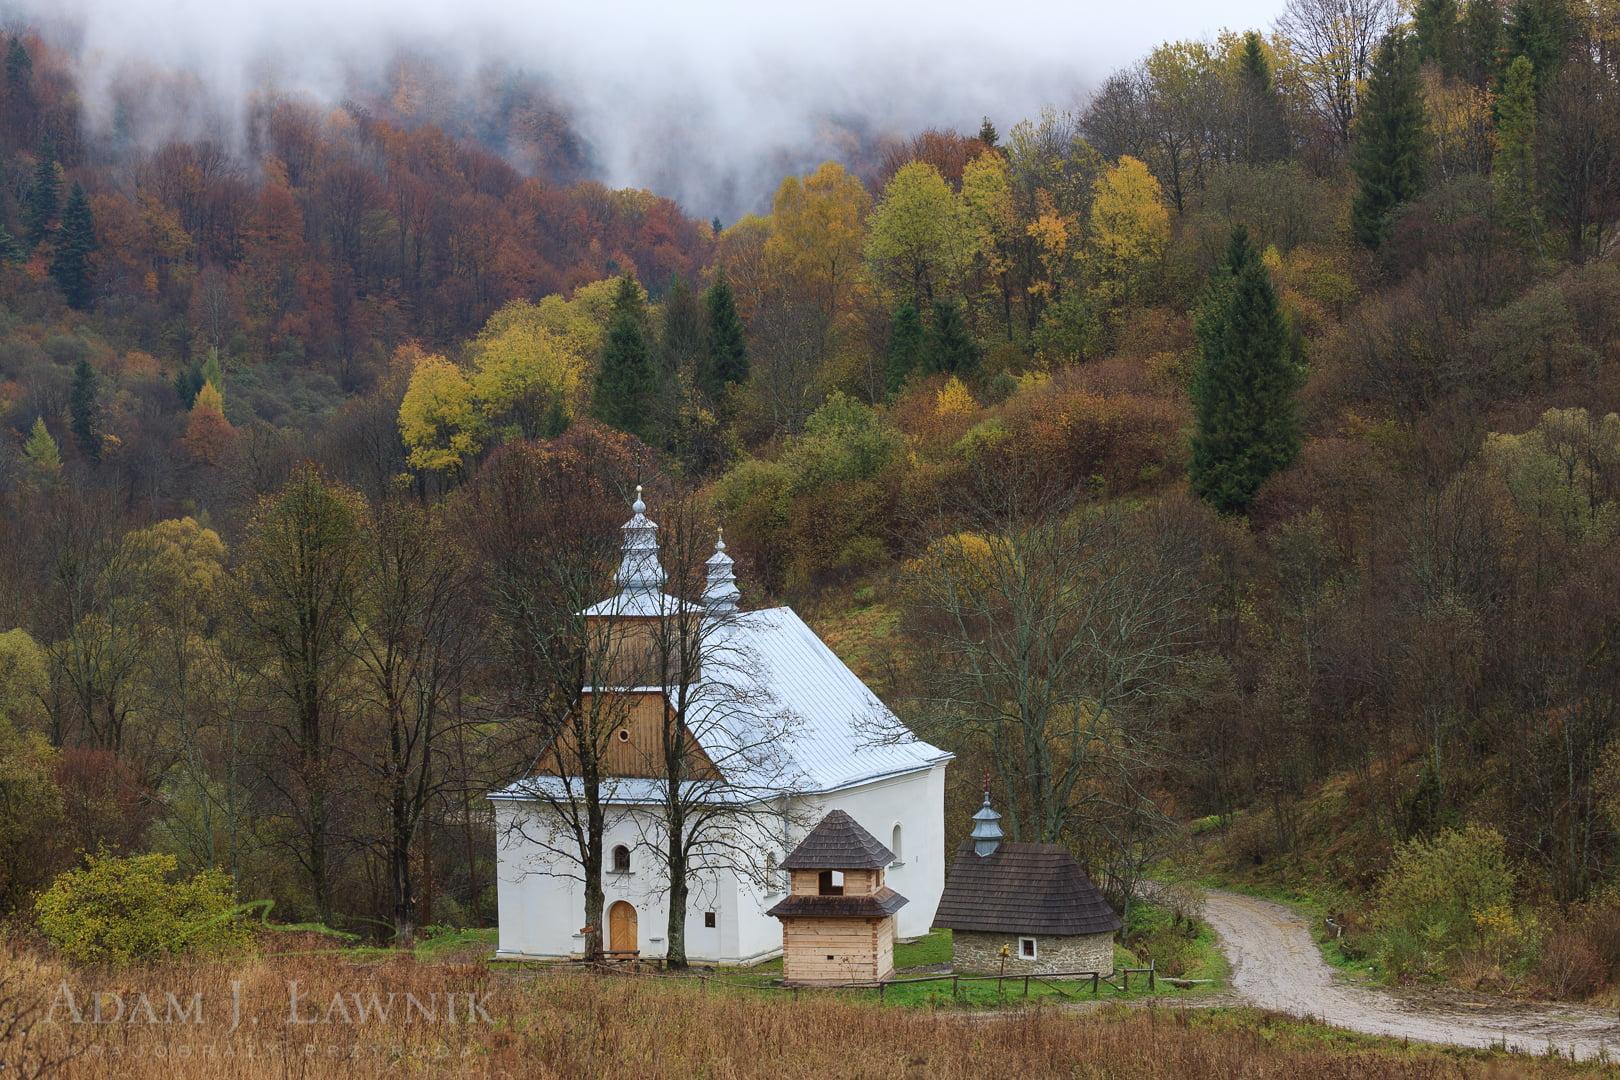 Bieszczady Mountains, Poland 0710-02090C